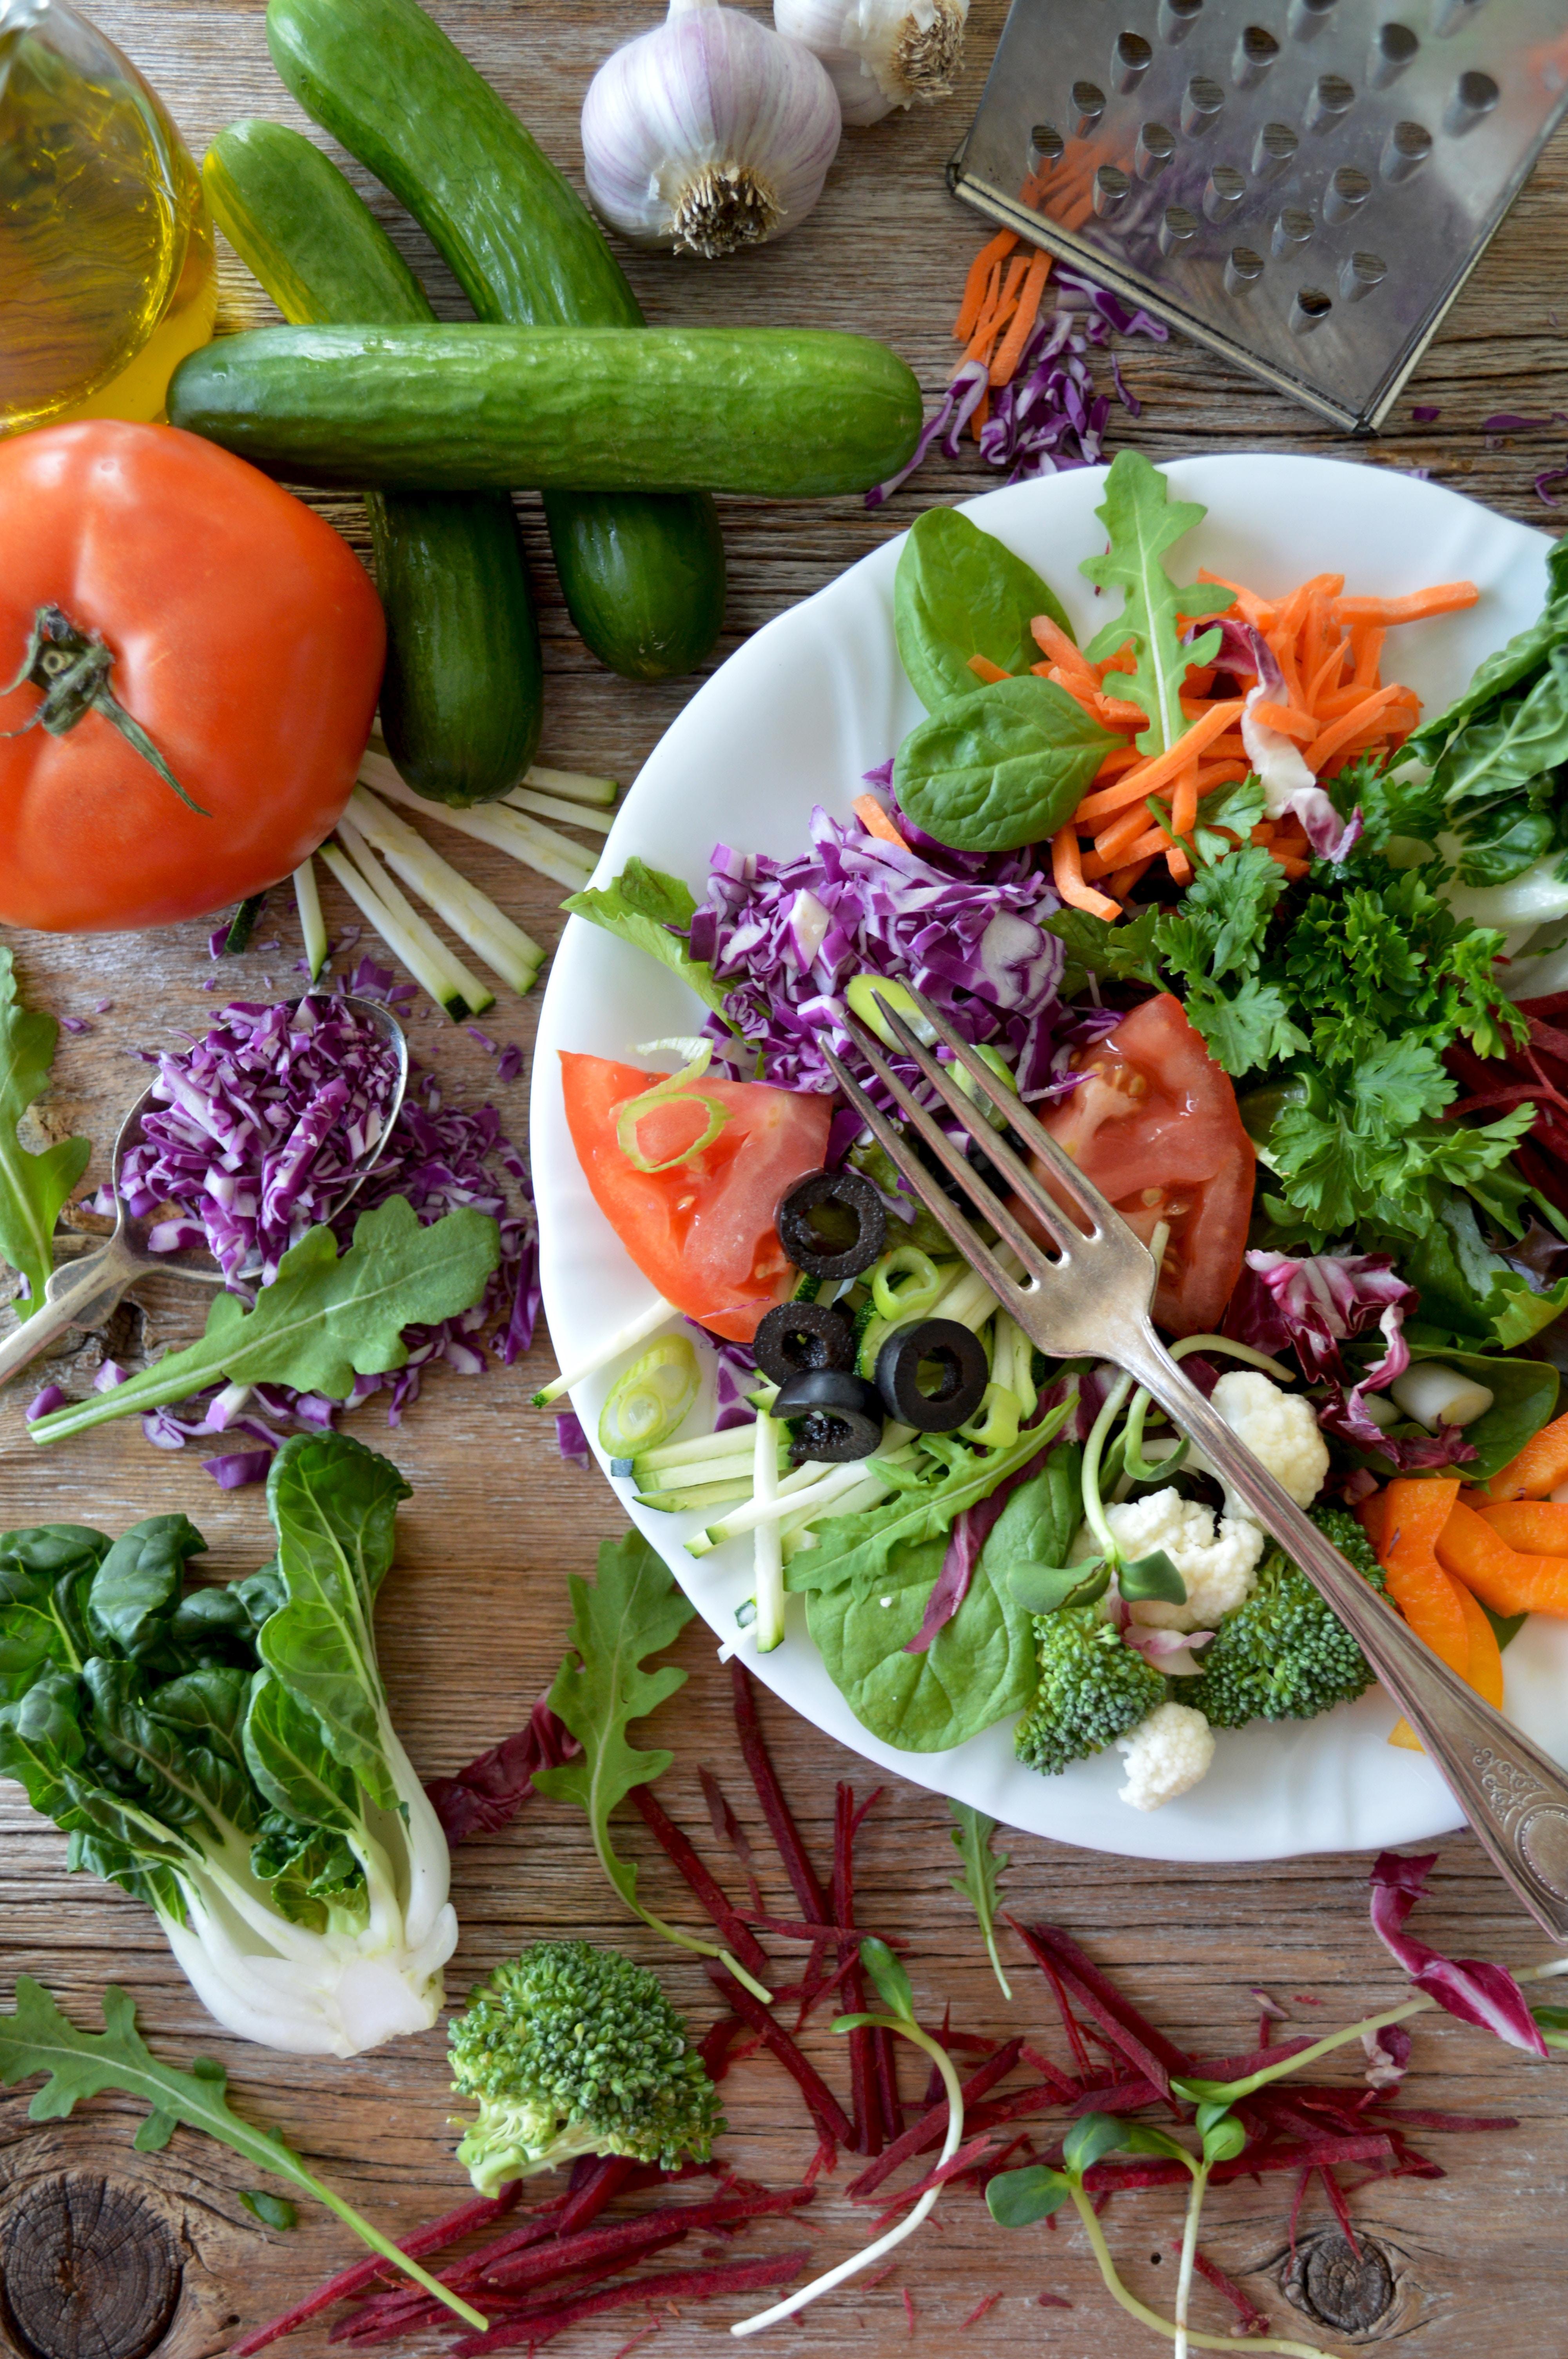 กินยังไงไม่ให้อ้วน อาหารลดน้ำหนัก อาหารลดความอ้วน อาหารคลายร้อน ไม่อ้วน